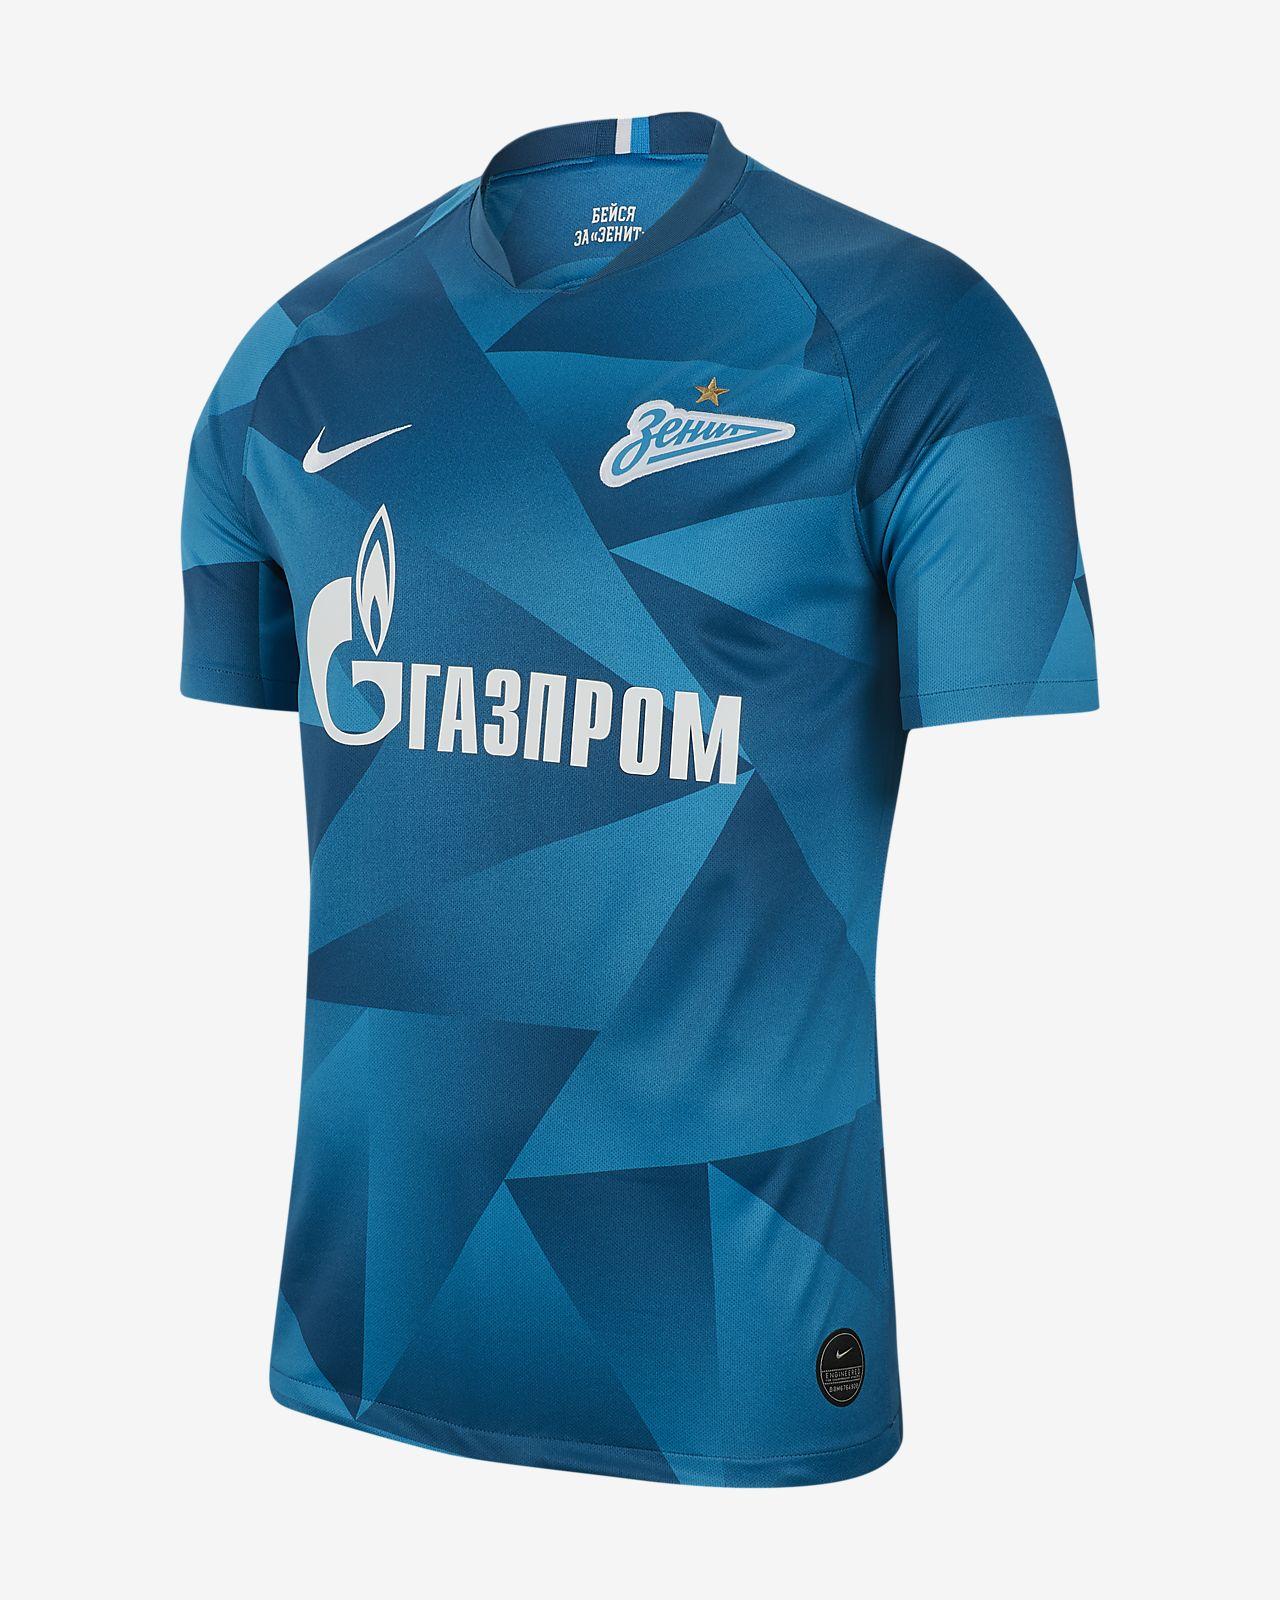 Camiseta de fútbol de local para hombre Stadium del Zenit Saint Petersburg 2019/20